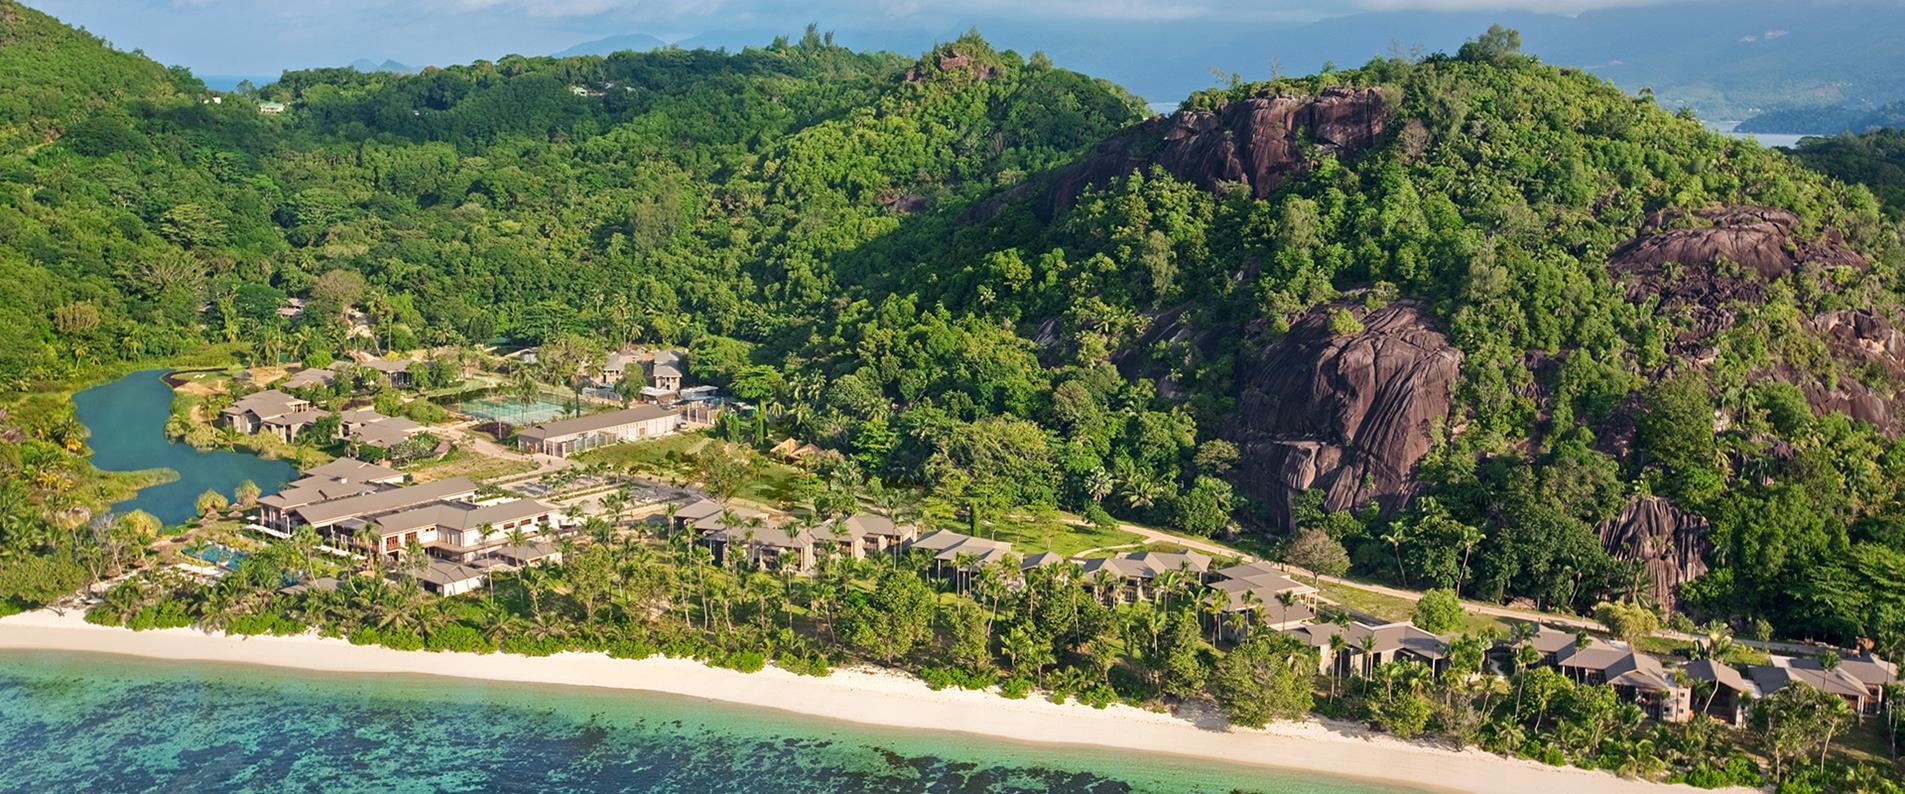 Hotel Kempinski Seychelles Resort #5